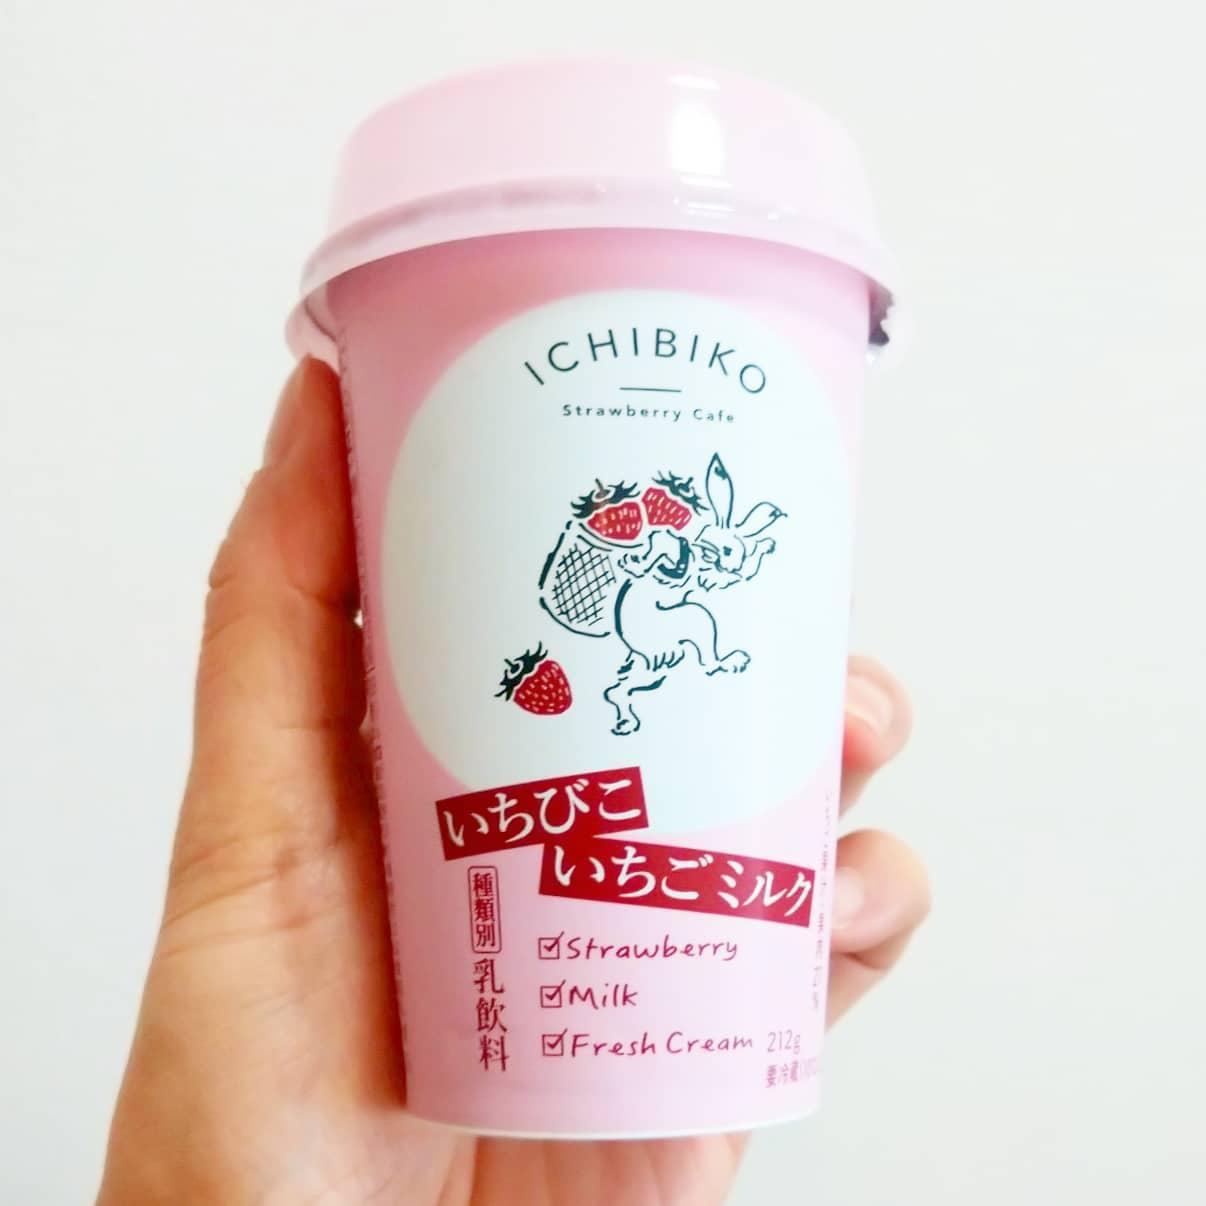 #いちごミルクラブ #守山乳業 #いちびこいちごミルク 謎イチゴ系-☆---本物イチゴ系甘さ強め系--☆--控え目系こってり系-☆---さっぱり系超ミルク系---☆-生クリーム系おもいで度---☆- #侍猫度うまいわぁ〜!激甘系の謎苺牛乳味でしかもツブツブ苺までインしてるよ!しかも後味にクリームがくるよ。いい!セブンで買ったやつ#いちごオレ #いちごオレ味 #いちごミルク #いちごミルクみたい #いちご牛乳 #いちご牛乳味 #イチゴ牛乳 #いちご牛乳クラブ #苺牛乳 #苺牛乳が好き #苺ミルク #苺スイーツ #苺 #苺好きに生まれたからには #メソギア派 #糖分 #いちごミルク味 #スイーツ #スイーツ好き #スイーツスタグラム #スイーツタイム #スイーツ写真 #strawberry #strawberrymilk